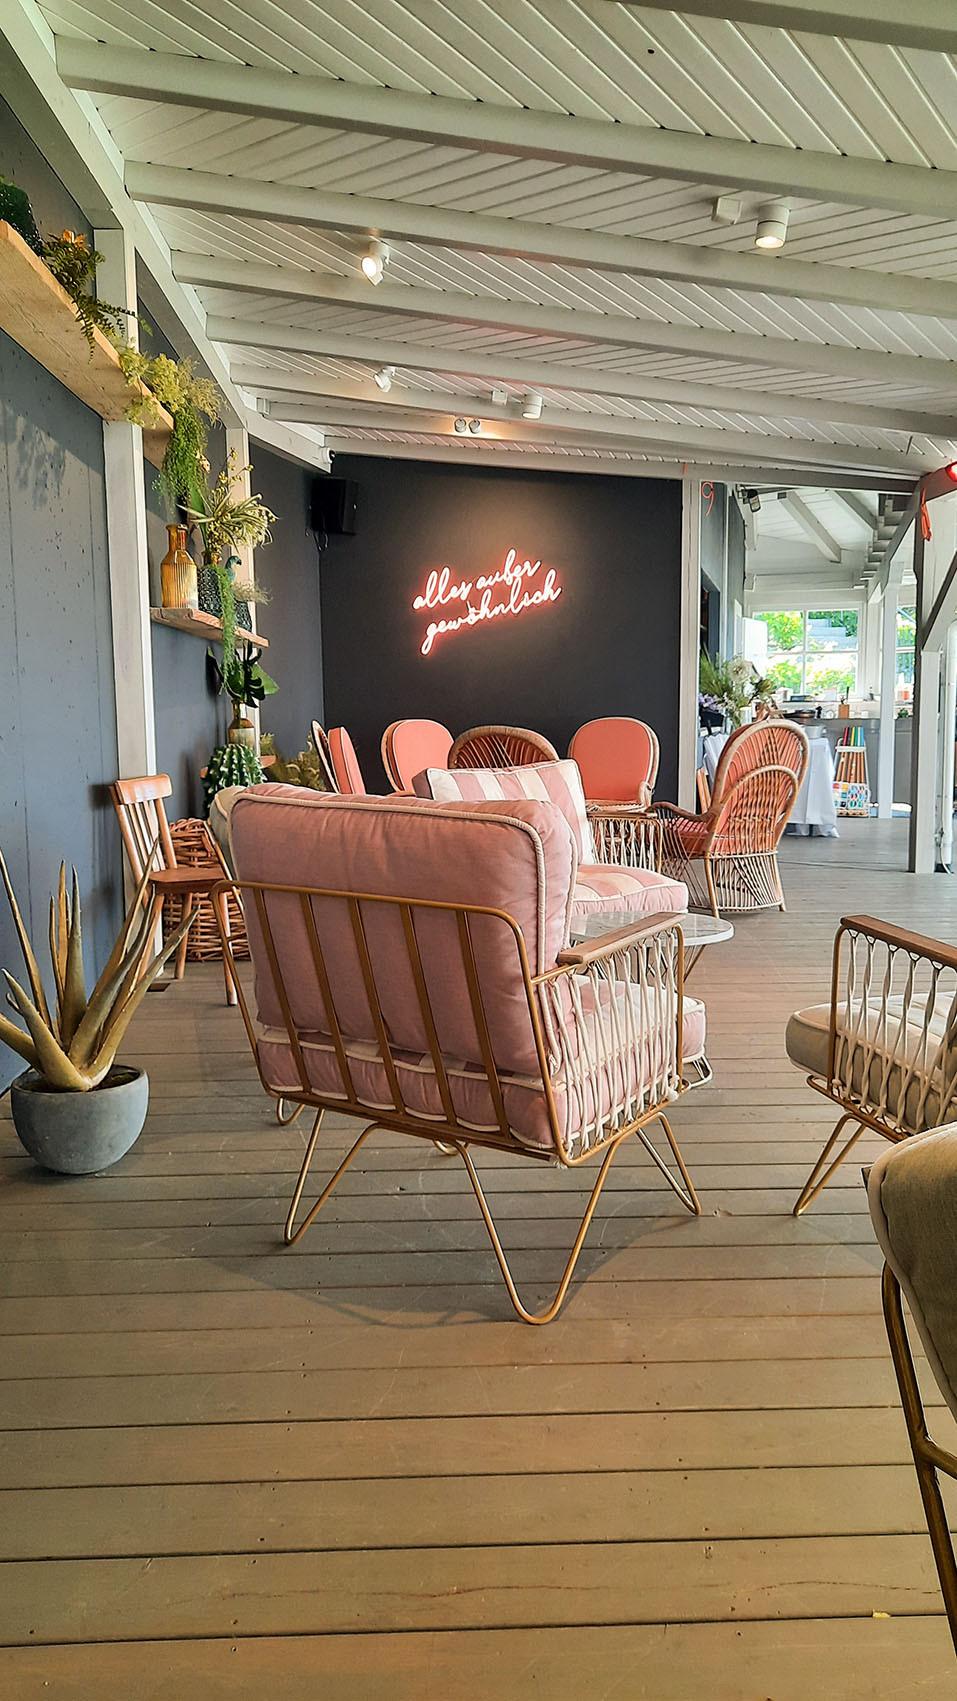 Loungemöbel und Neonschrift unterm Holz-Pavillon.